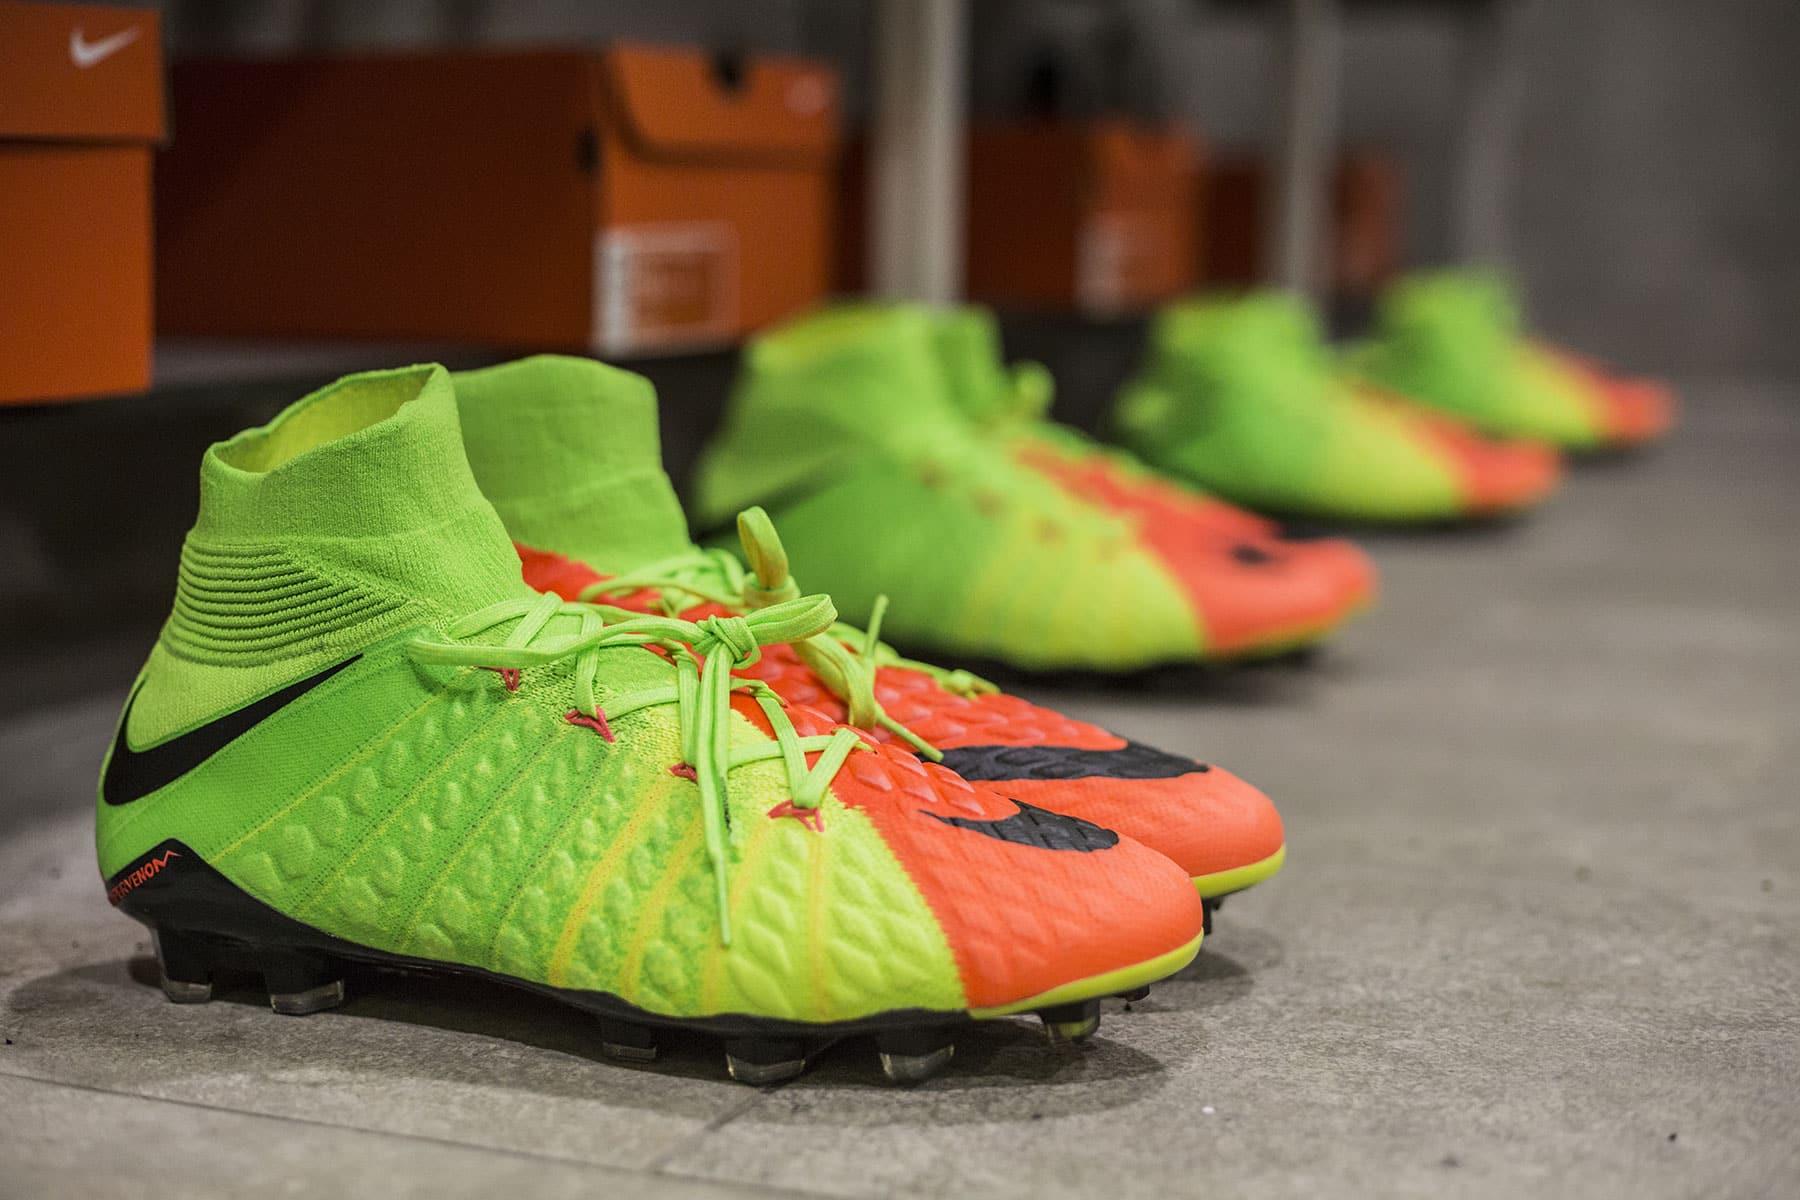 2e26813fe8f0 La meilleure chaussure de foot de l année 2017 est une paire qui a été  lancée en tout début d année   la Nike Hypervenom Phantom III.